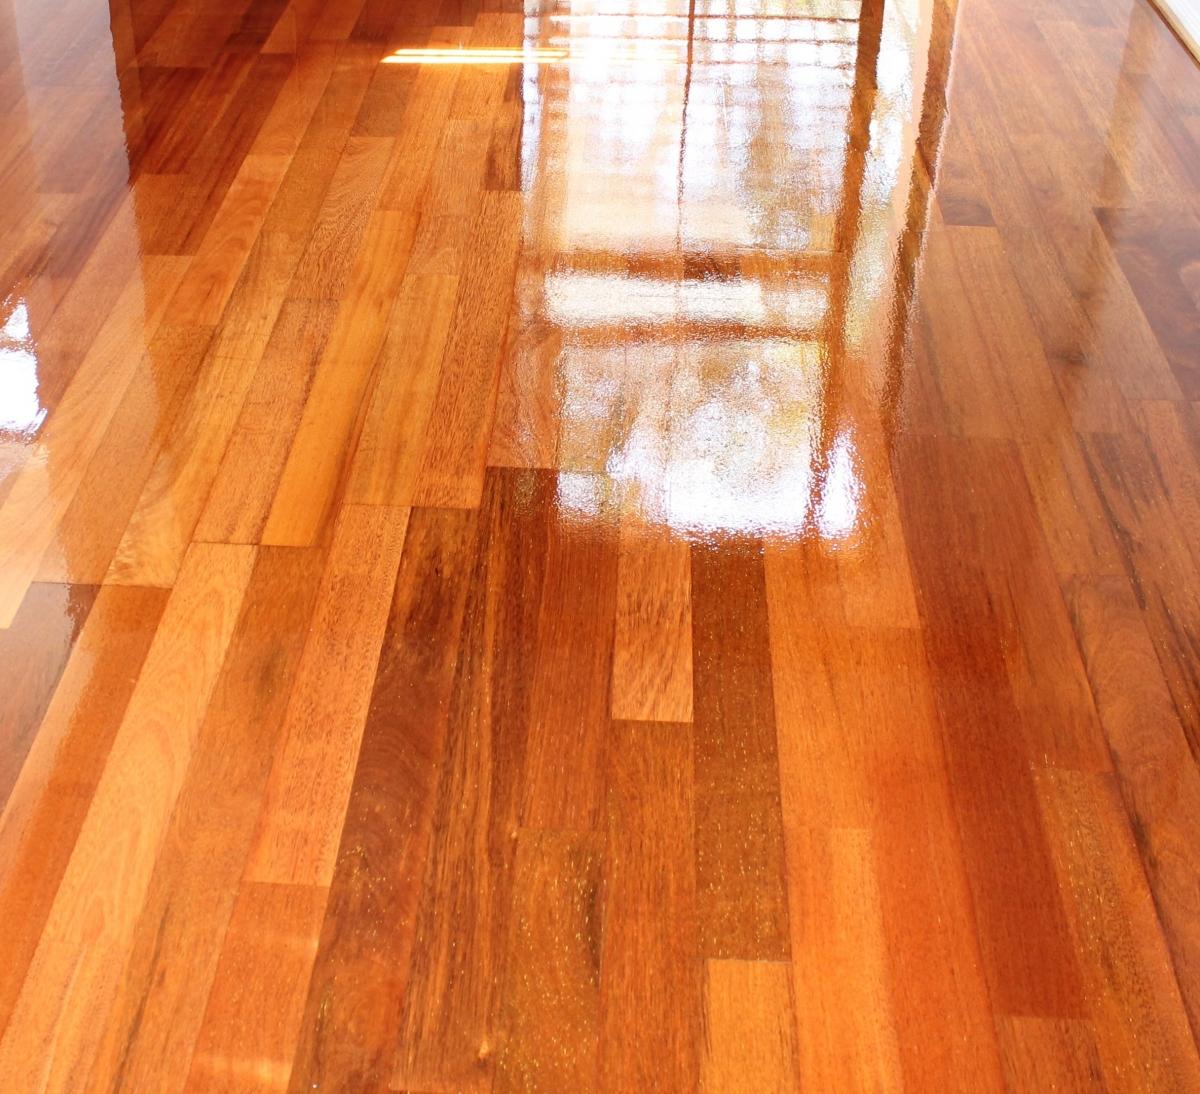 Sustainability And Polyurethane Varnish Woodguide Org